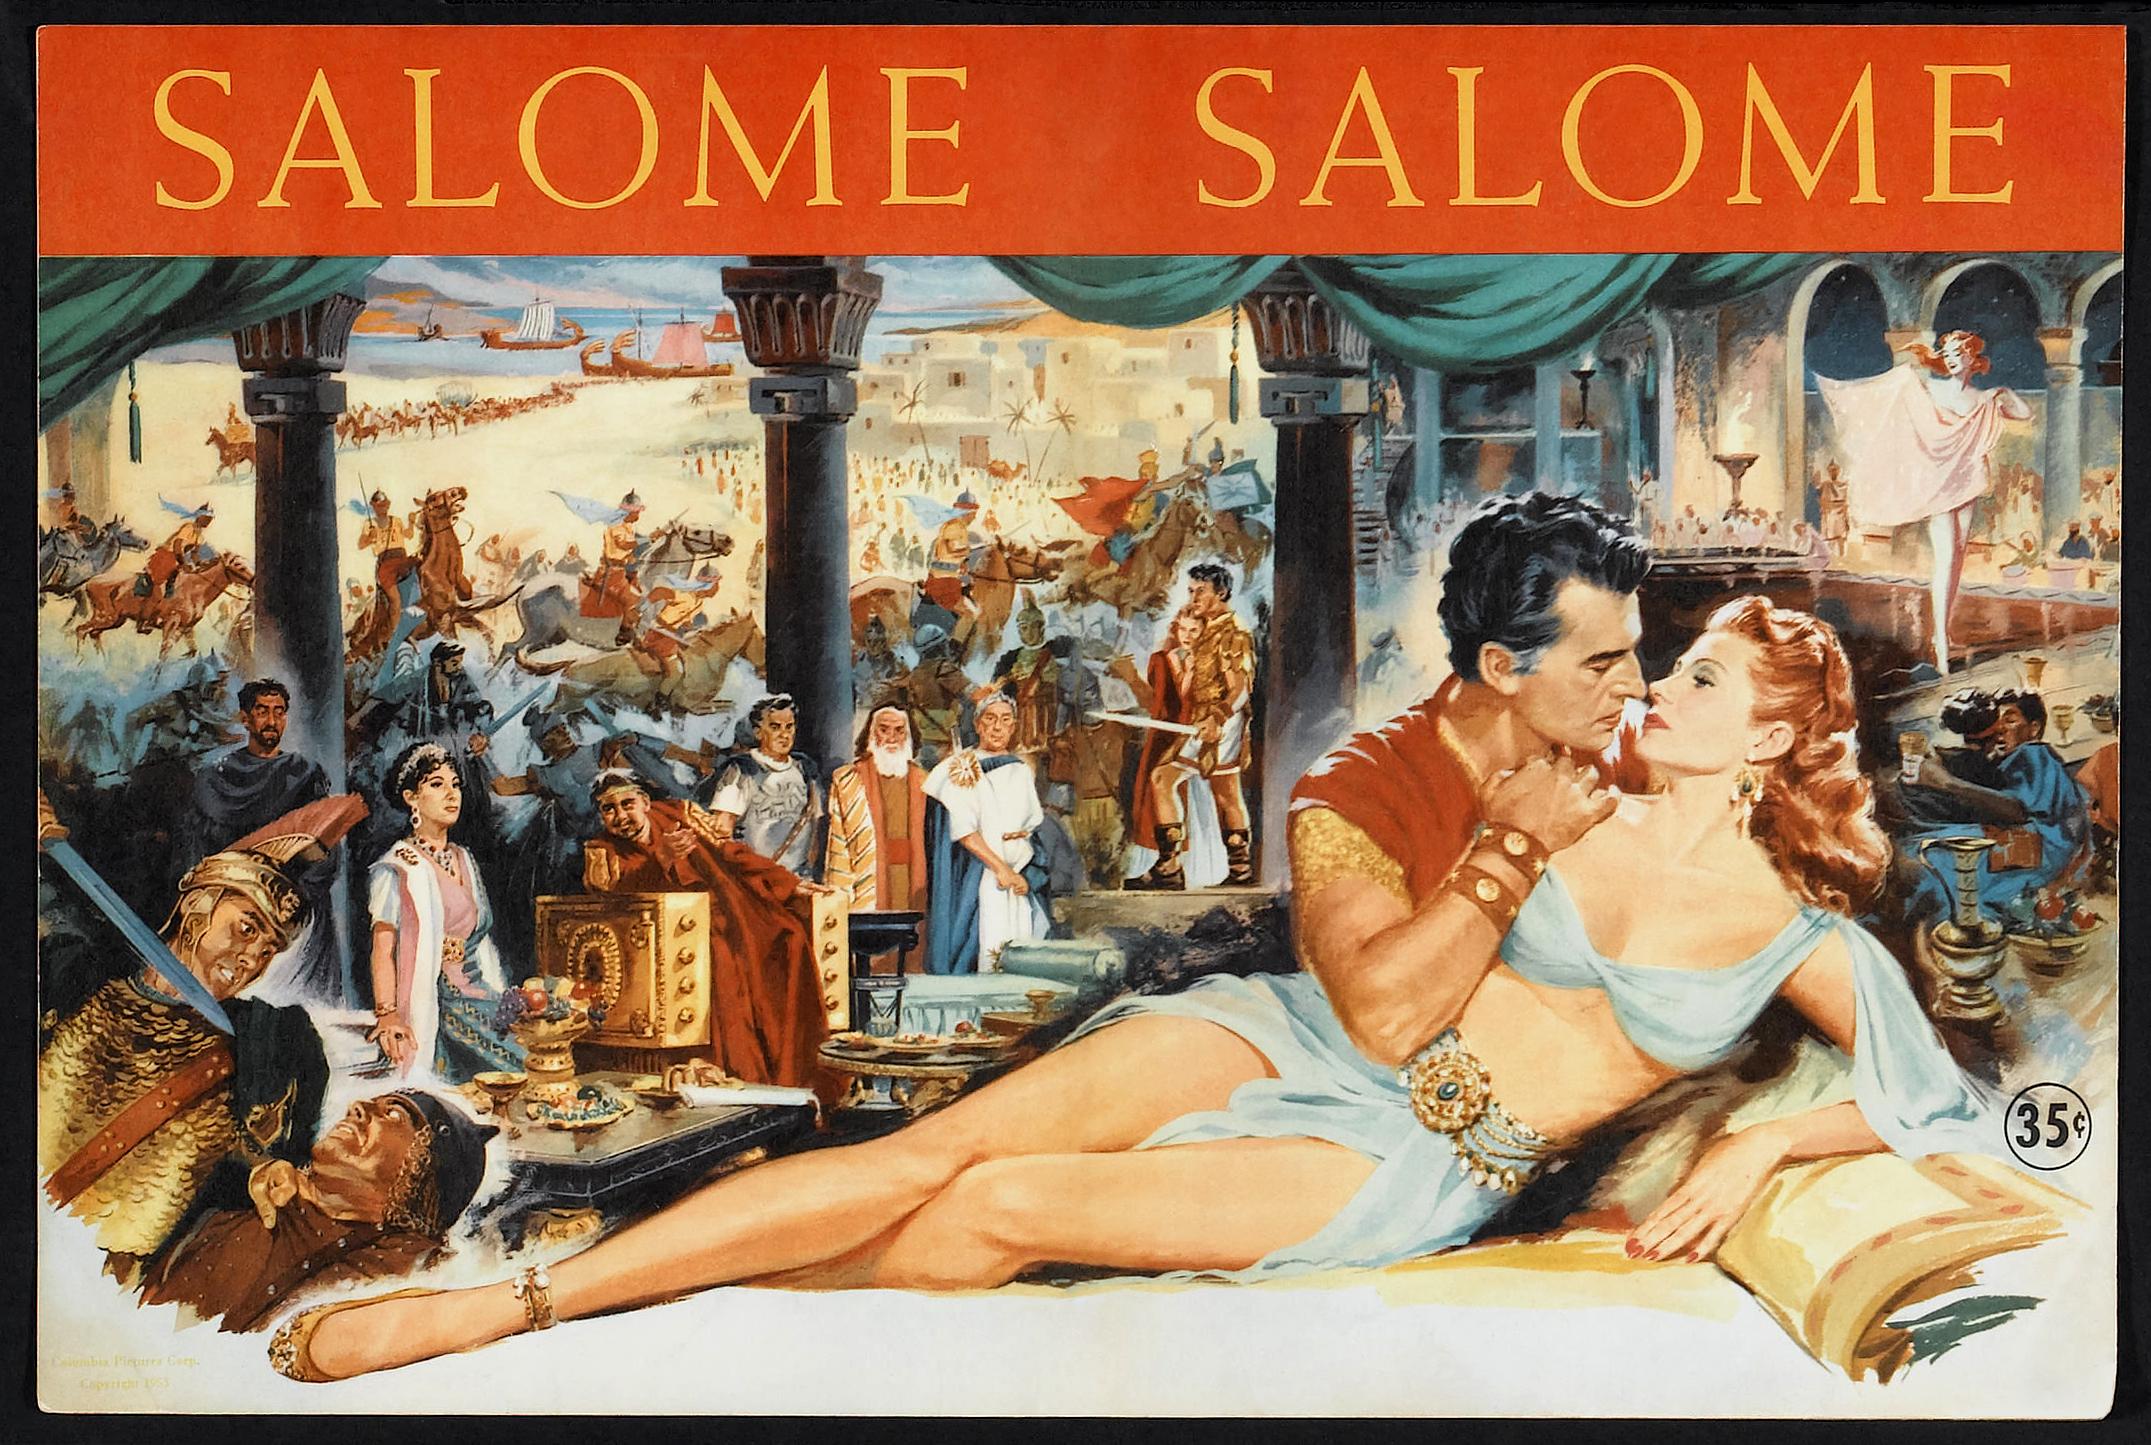 Salome (1953 film) Salome 1953